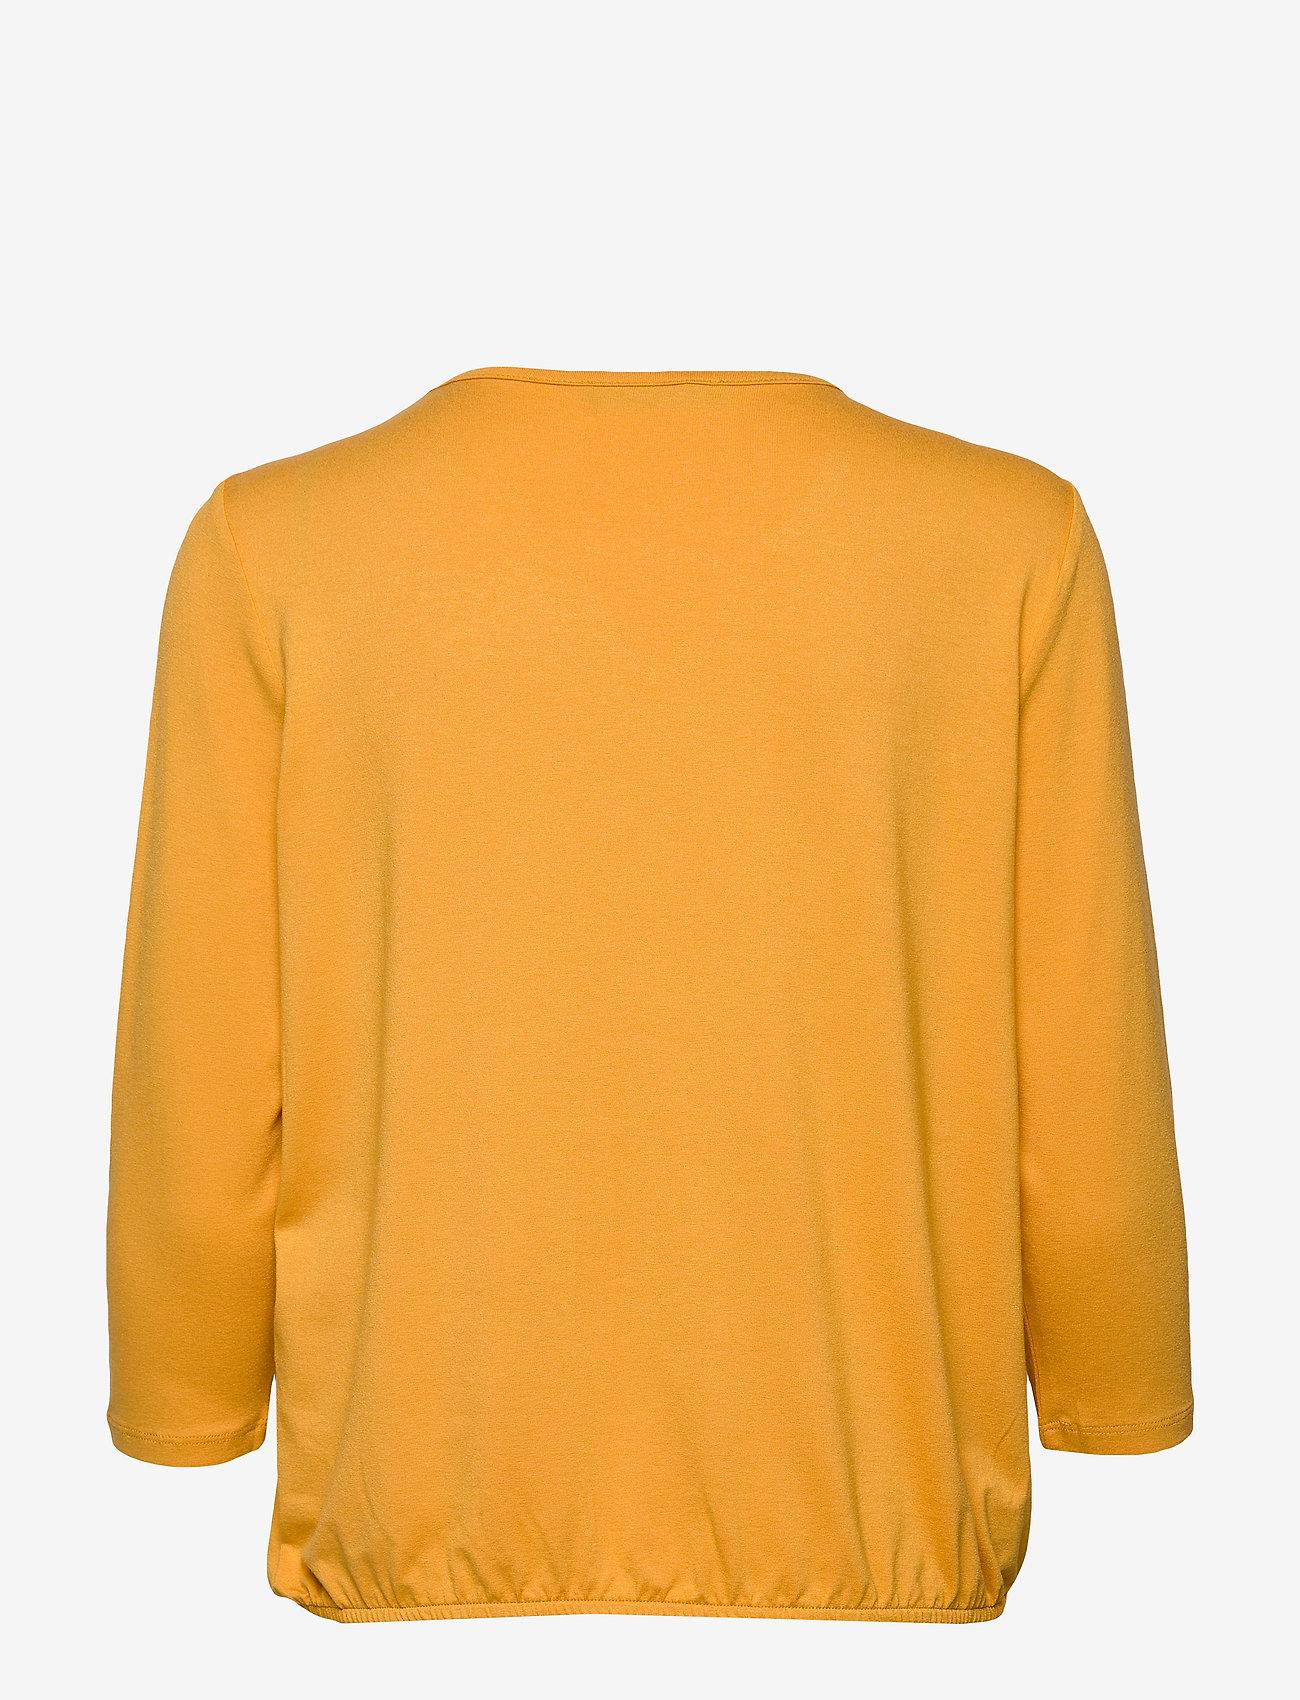 Shirt Short 3/4 Sleeve (Golden Glow) (219.60 kr) - Betty Barclay